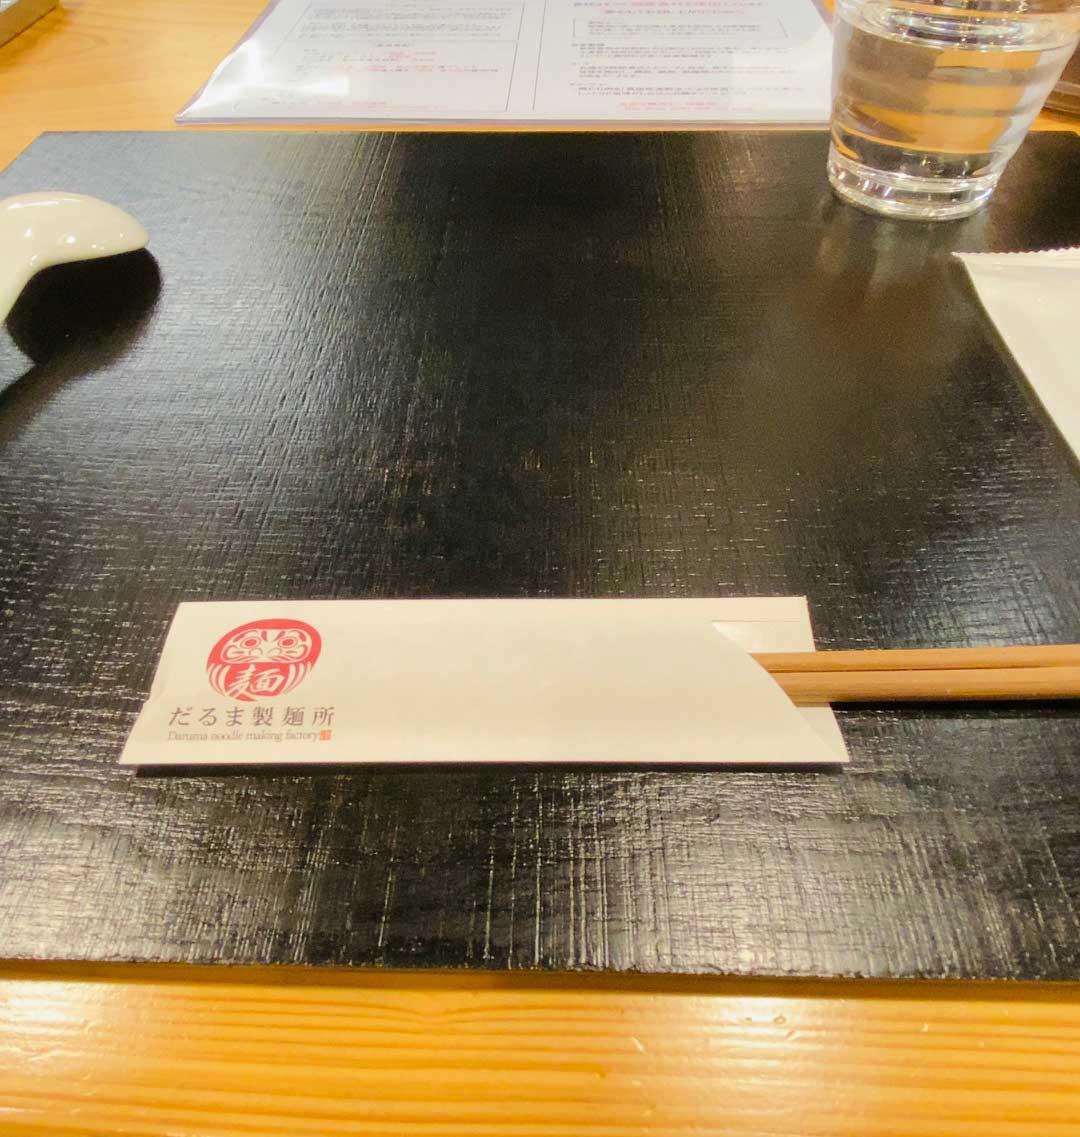 だるま製麺所のカウンター席